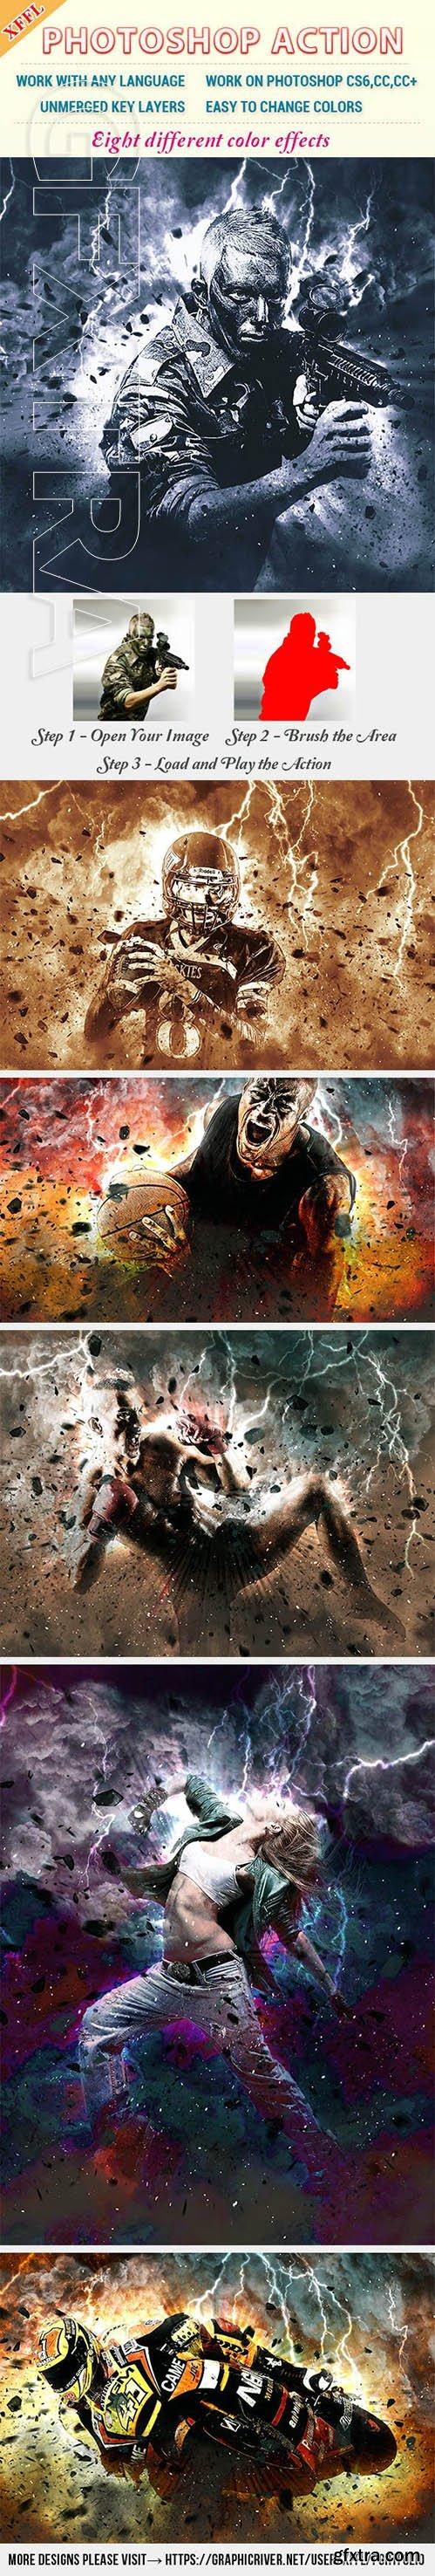 GraphicRiver - Color Storm Photoshop Action 23444925